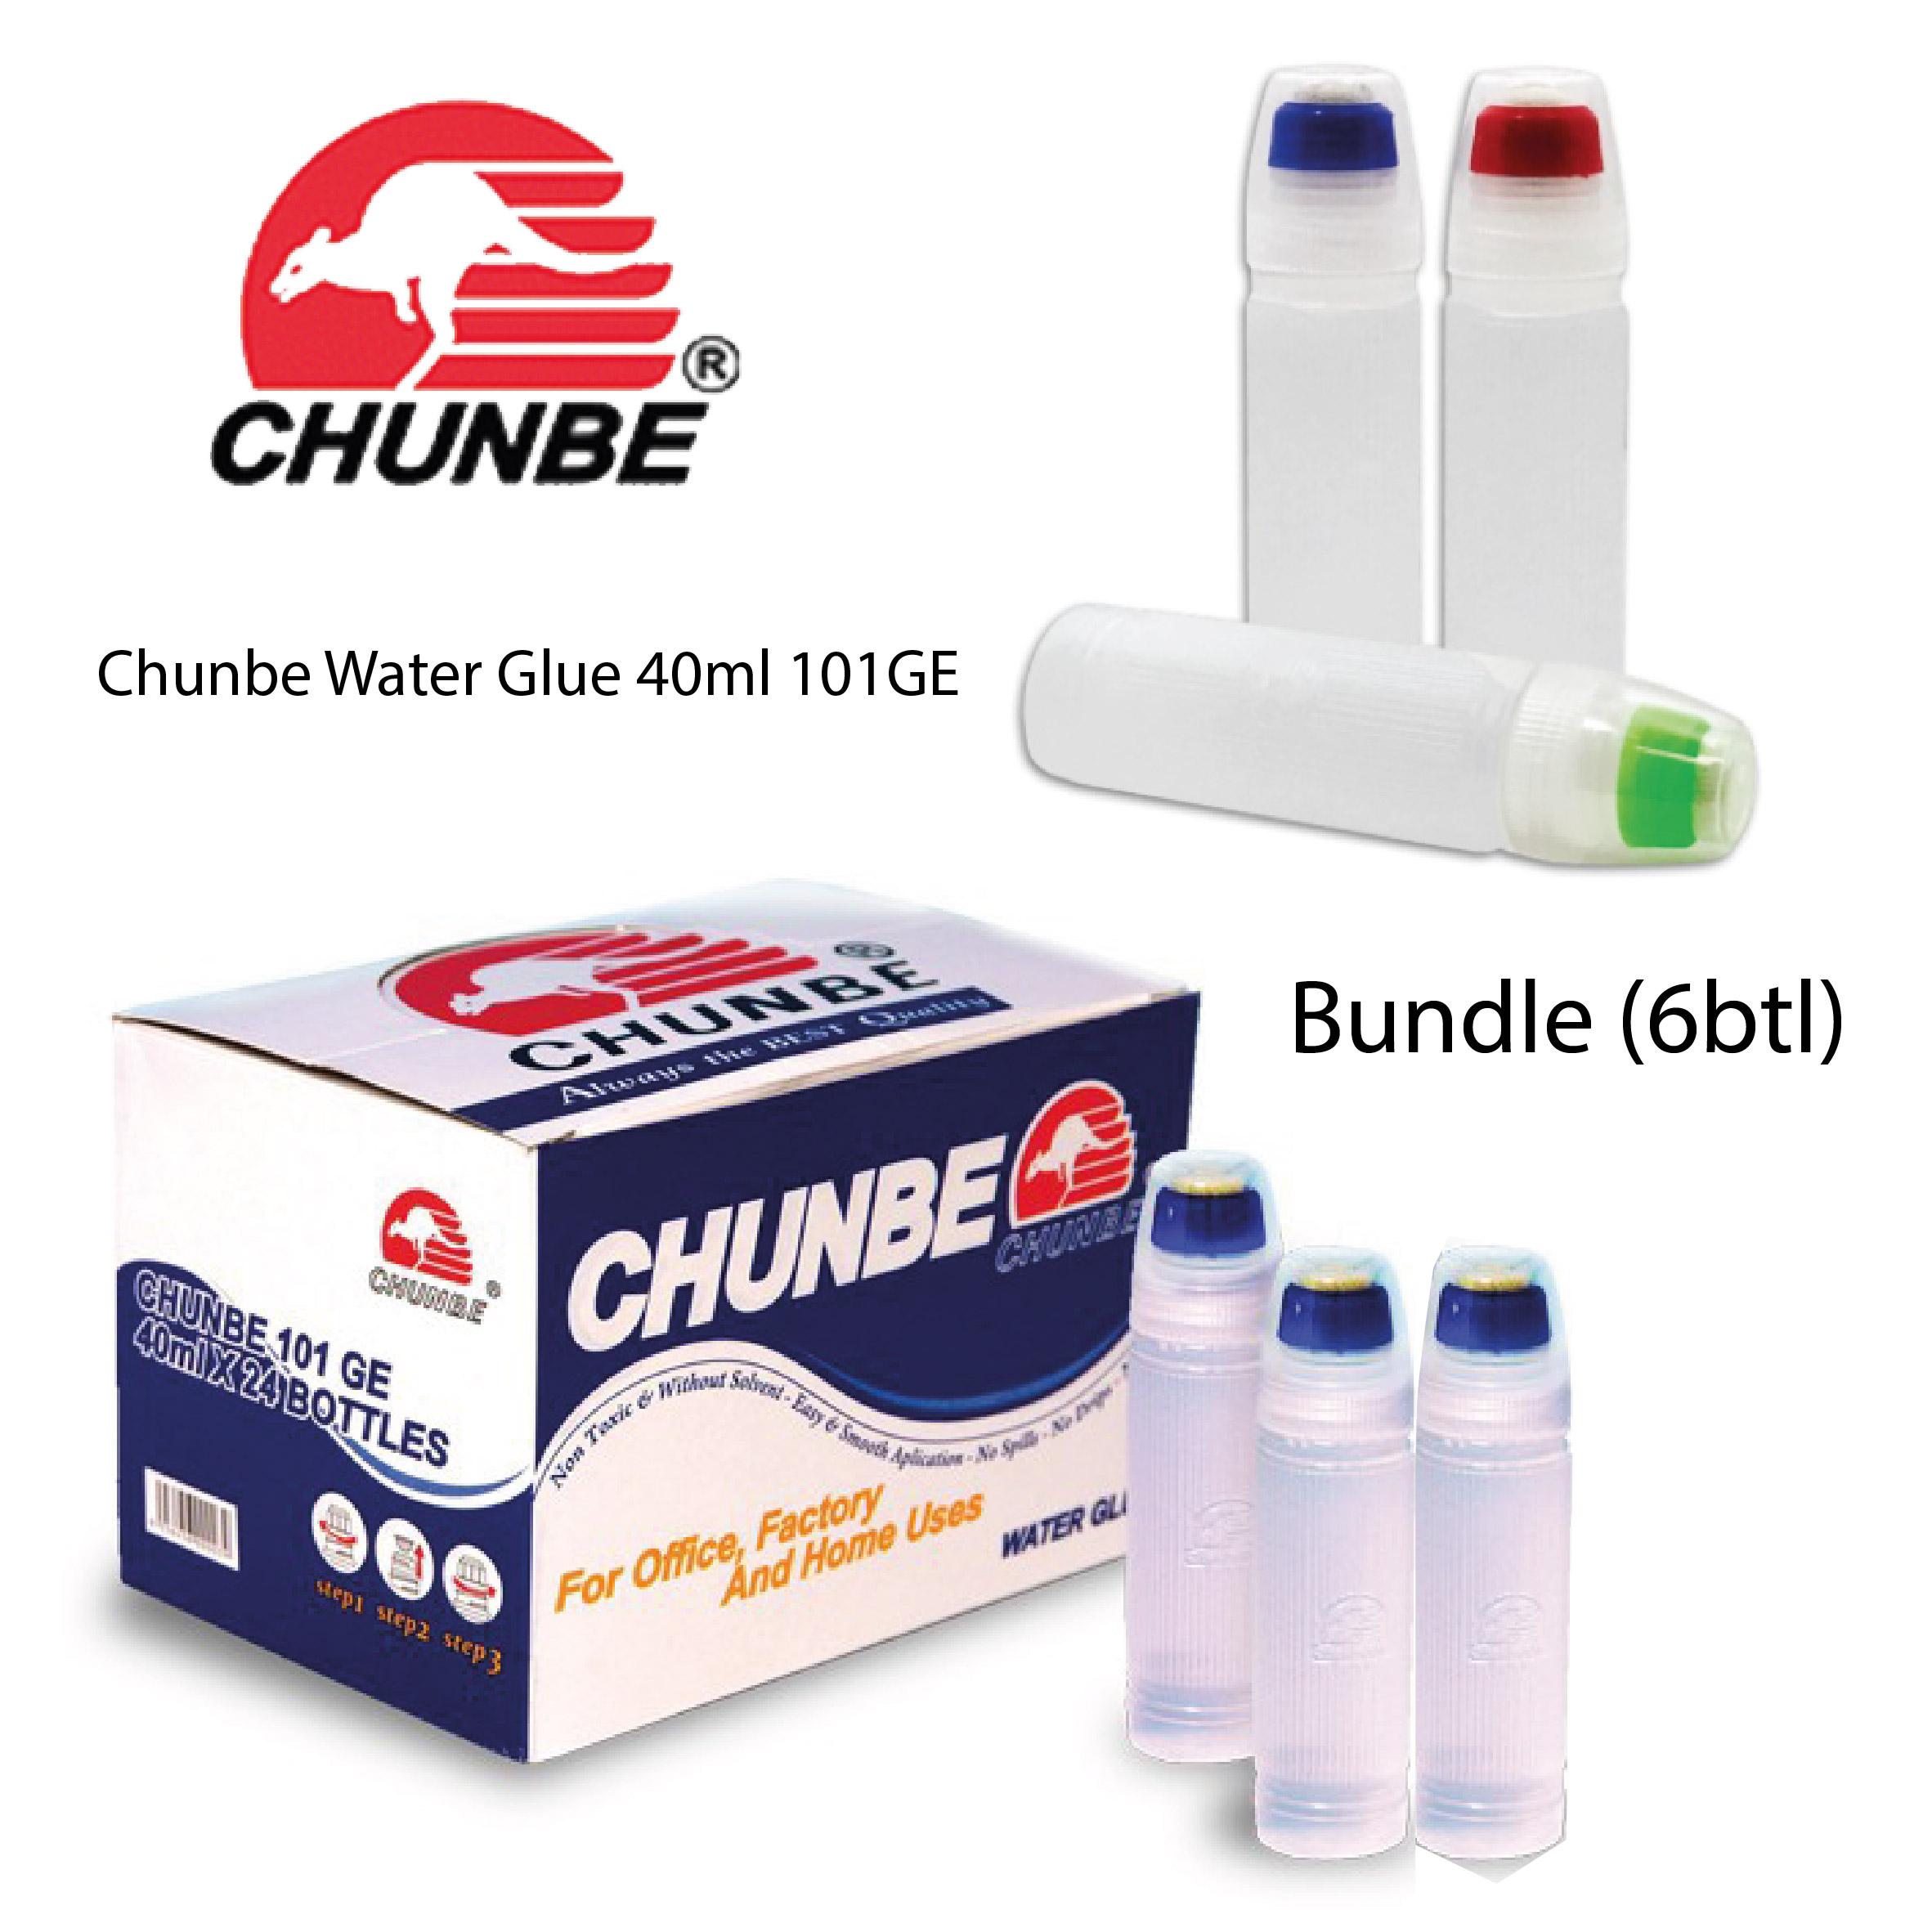 Chunbe Water Glue 40ml 101GE Bundle (6 bottle)